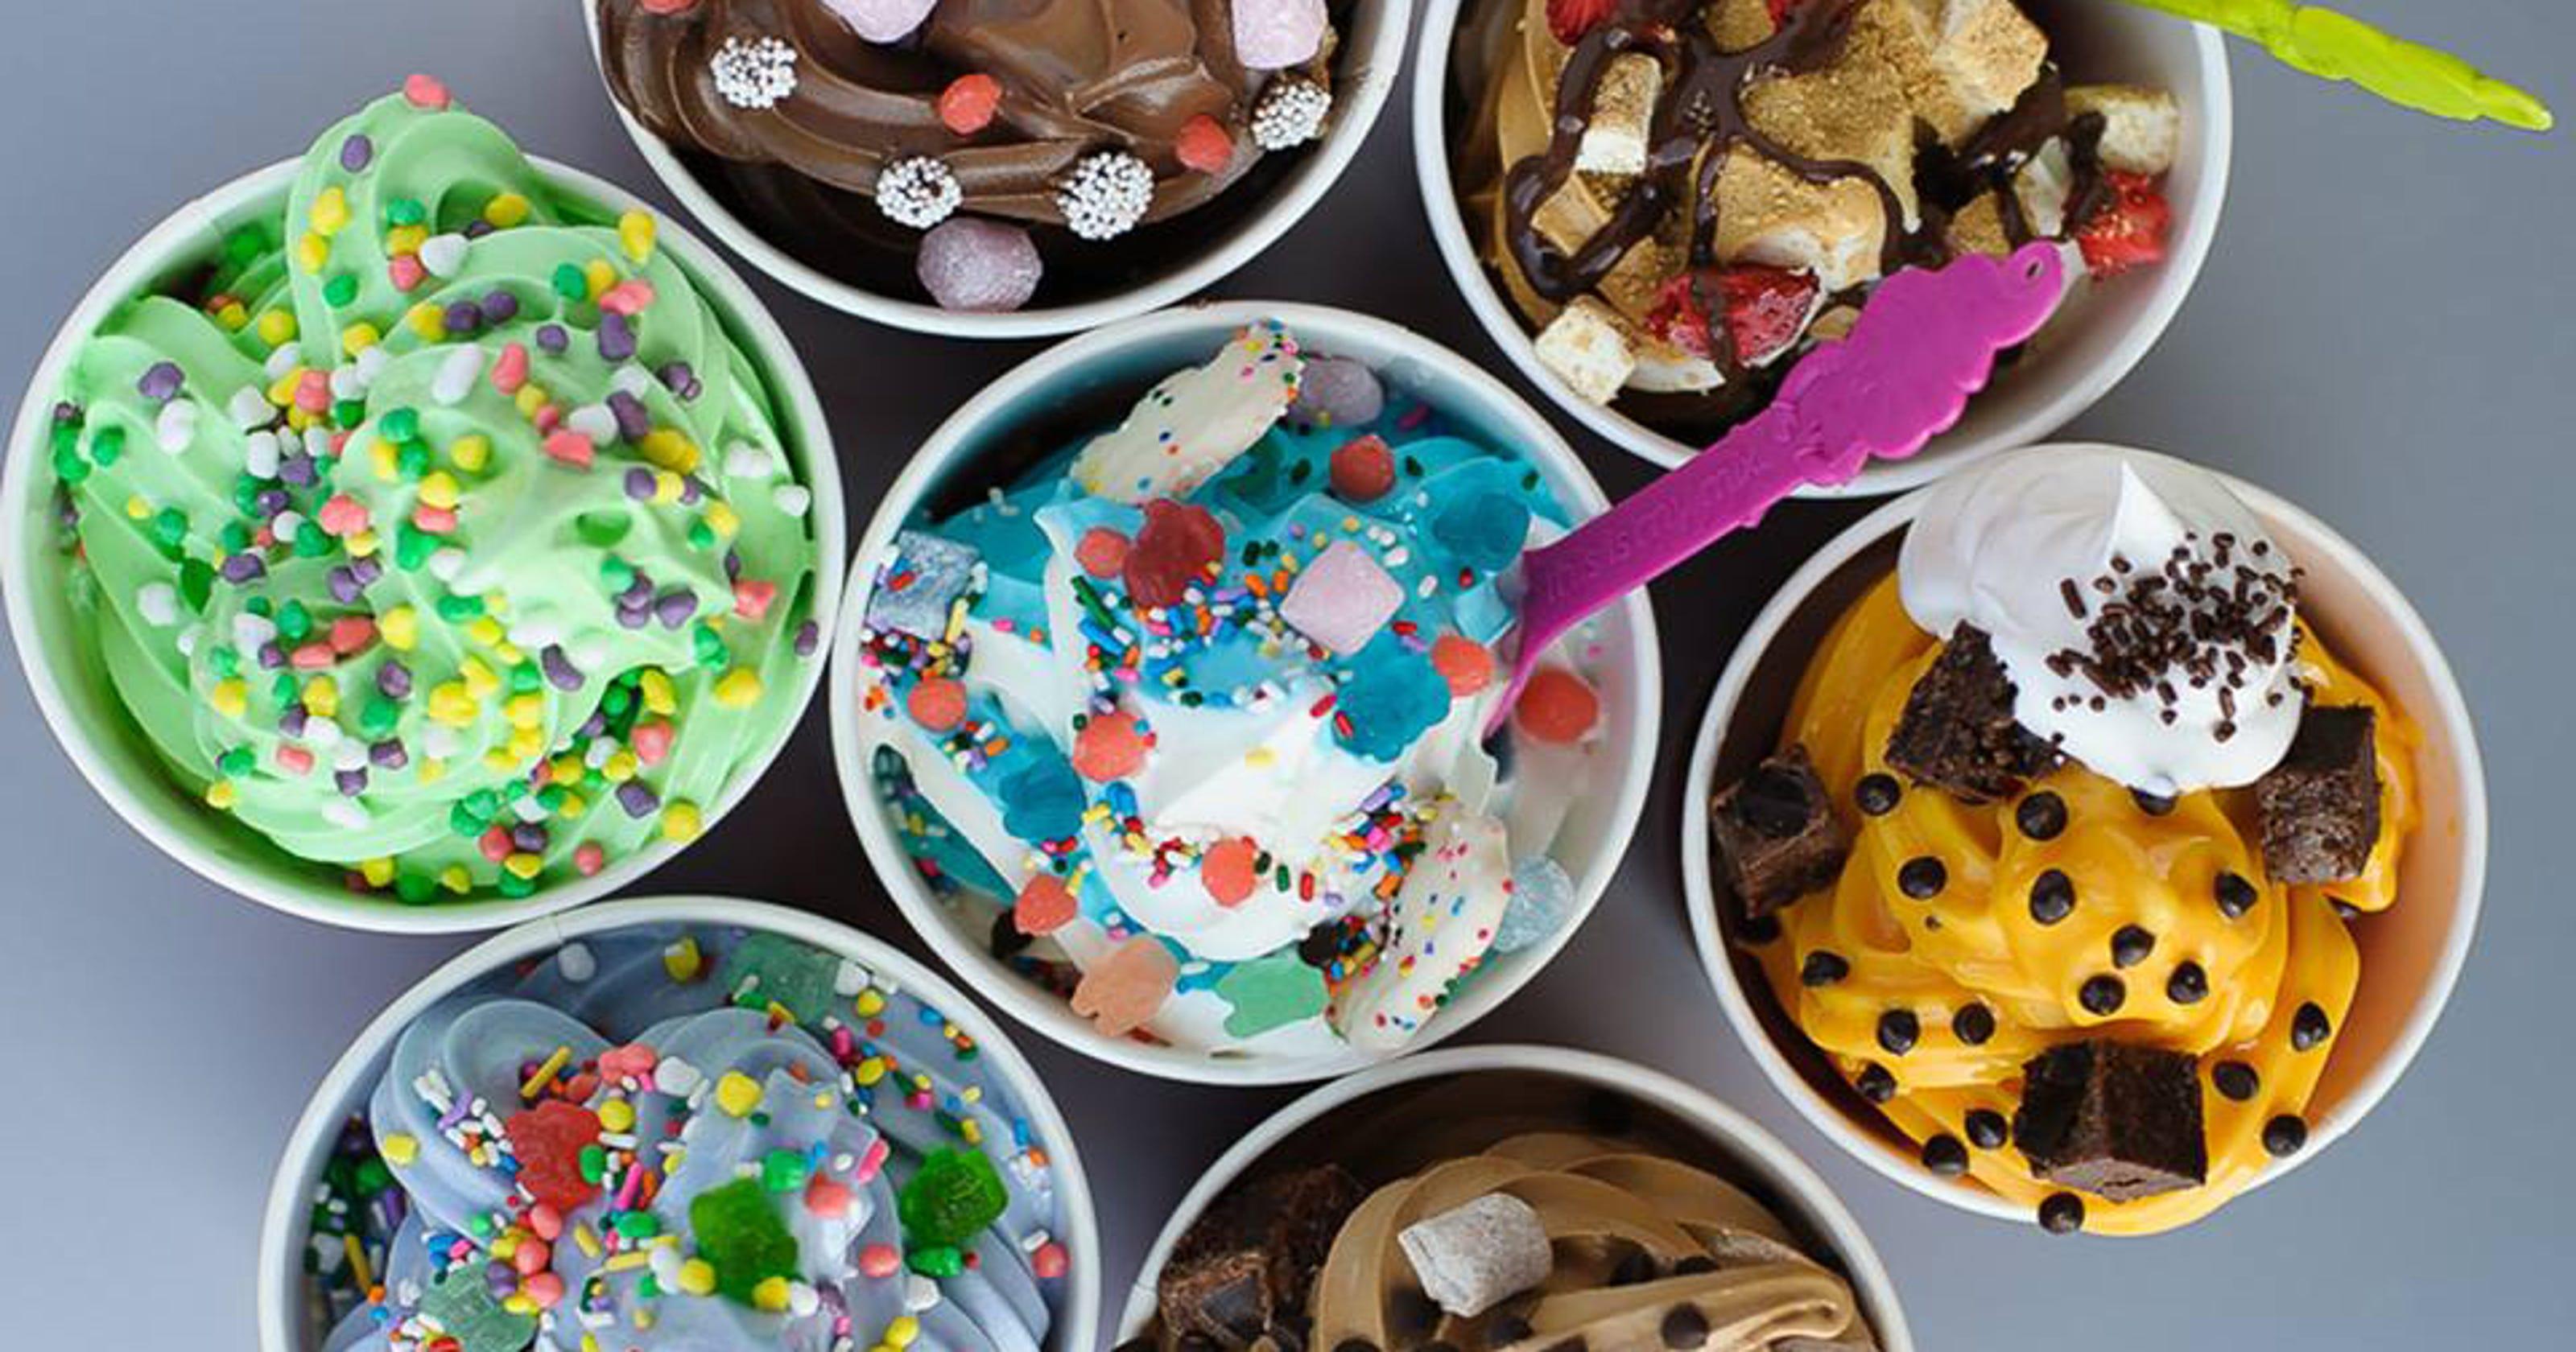 20 Places For Frozen Yogurt In Metro Phoenix